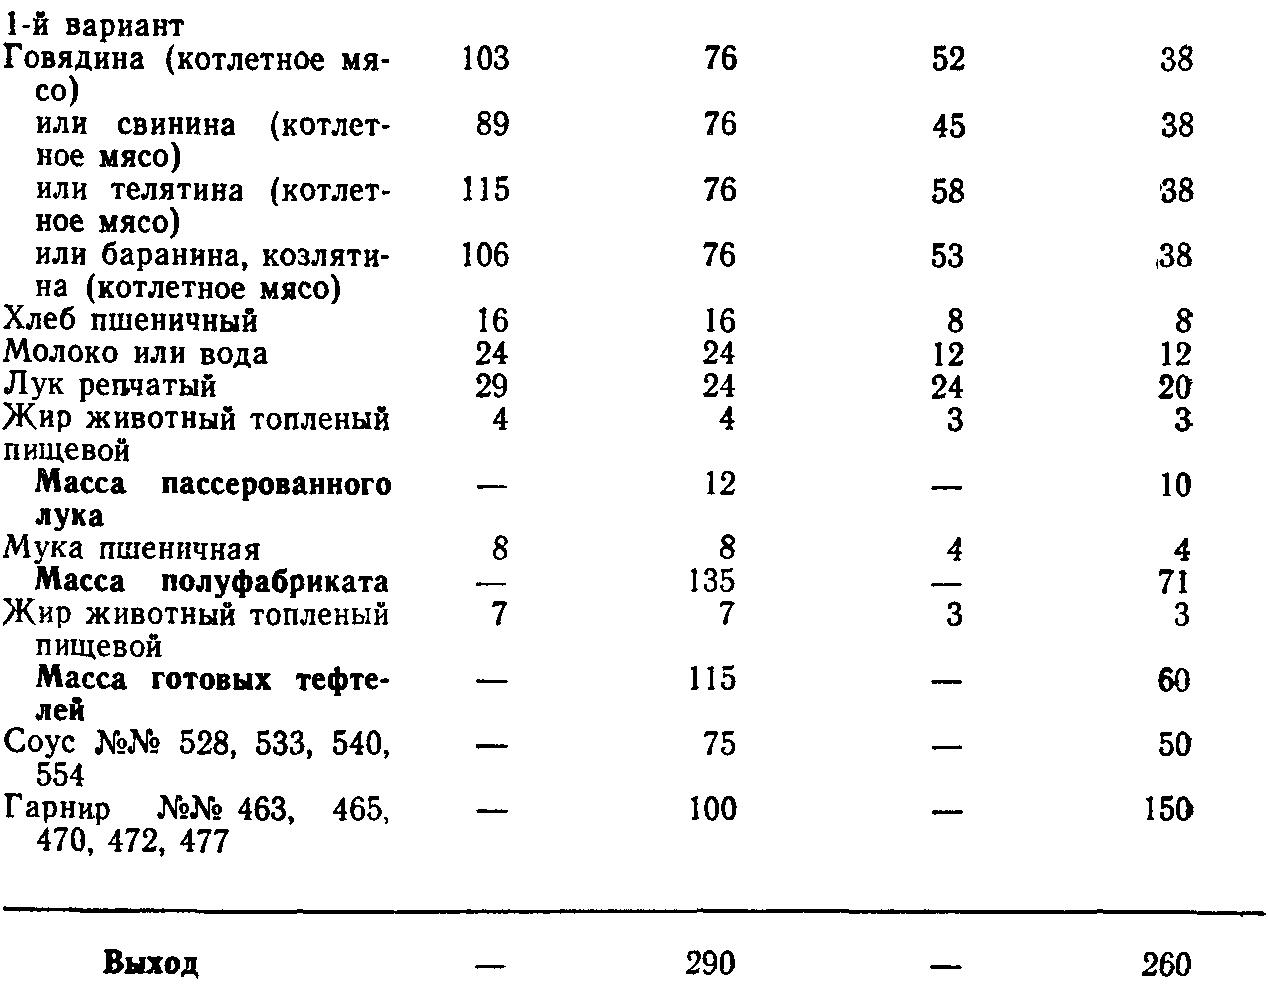 Тефтели мясные вариант 1 (ТТК5764)